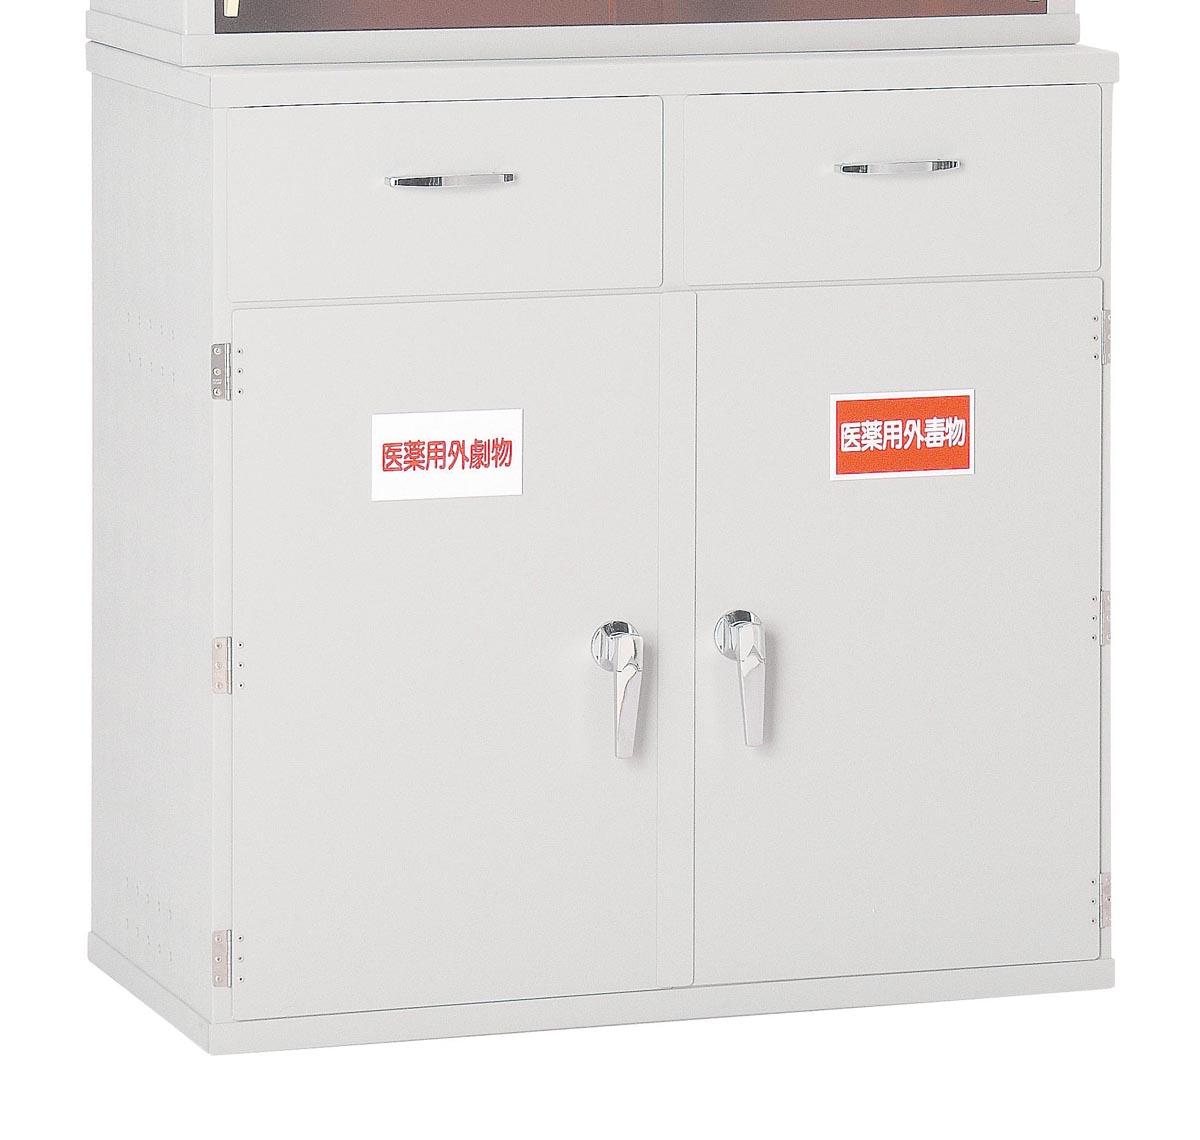 新光化成 塩ビ製薬品庫 KY-900(下段)